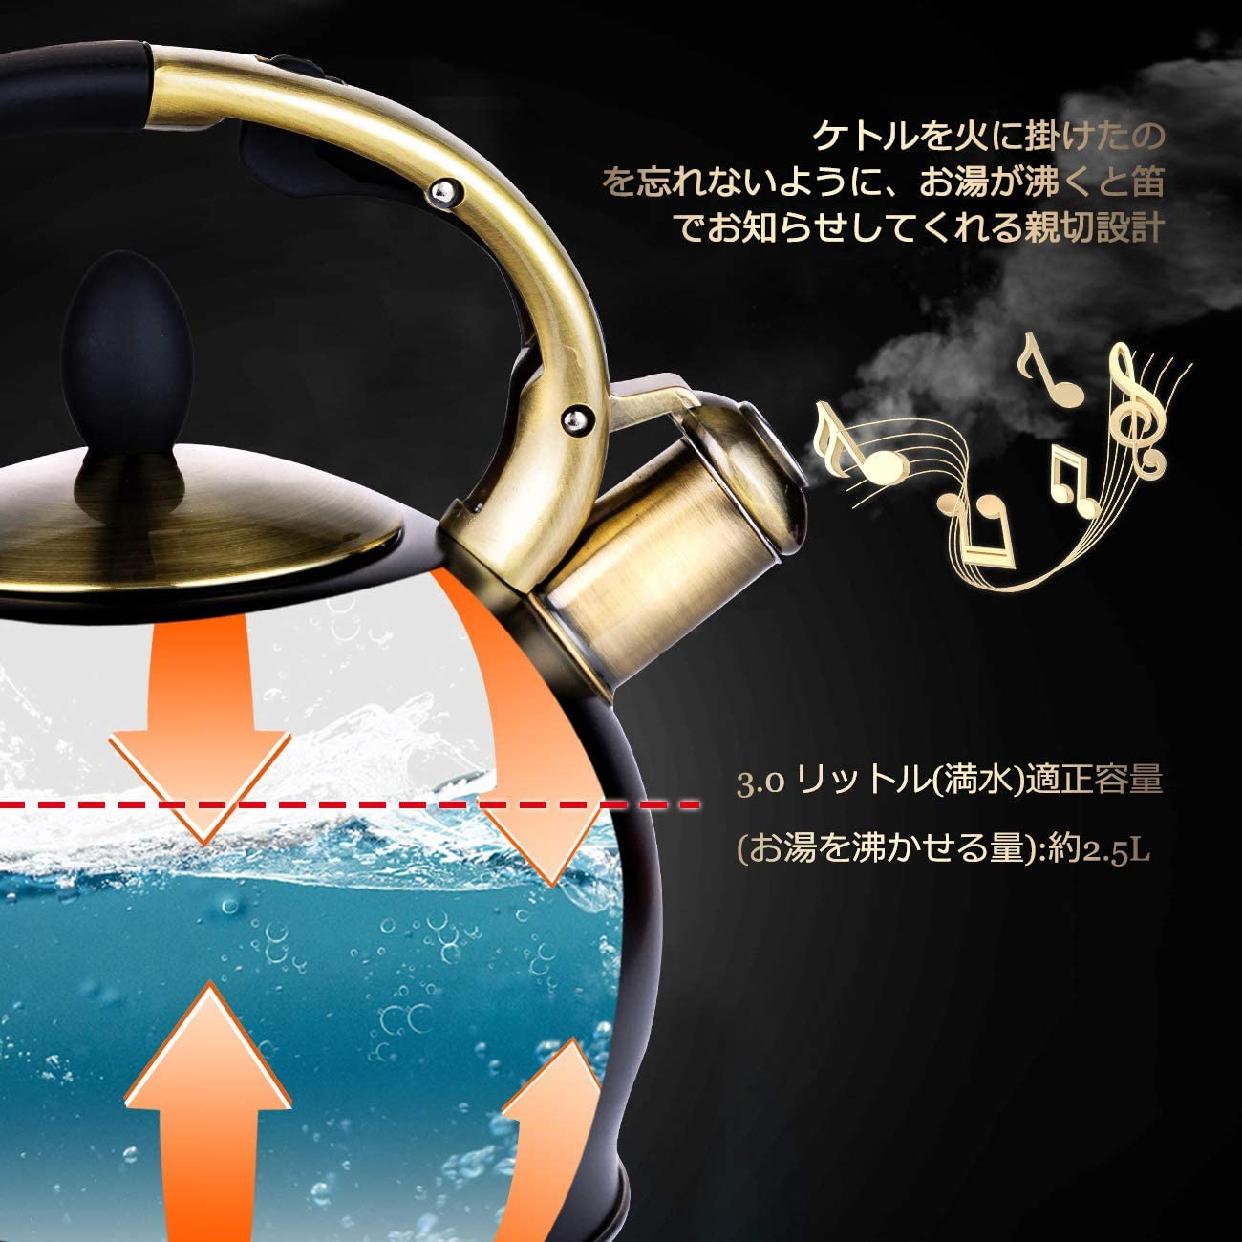 SUSTEAS(サスティーズ) 笛吹きケトル 2.5Lの商品画像3